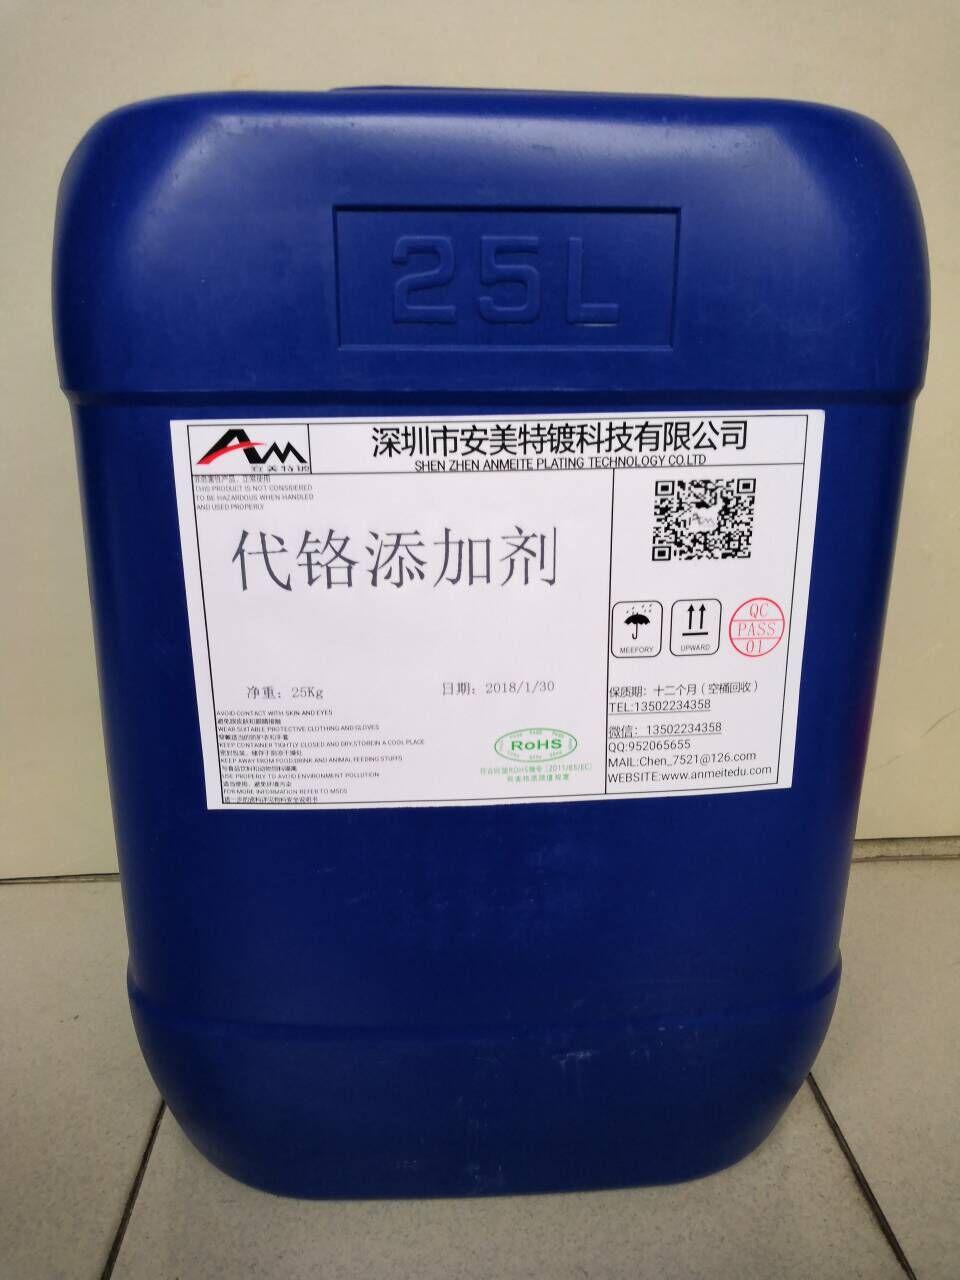 安美特镀科技滚镀代铬走位剂专业滚镀代铬光剂AM-812厂家诚招代理